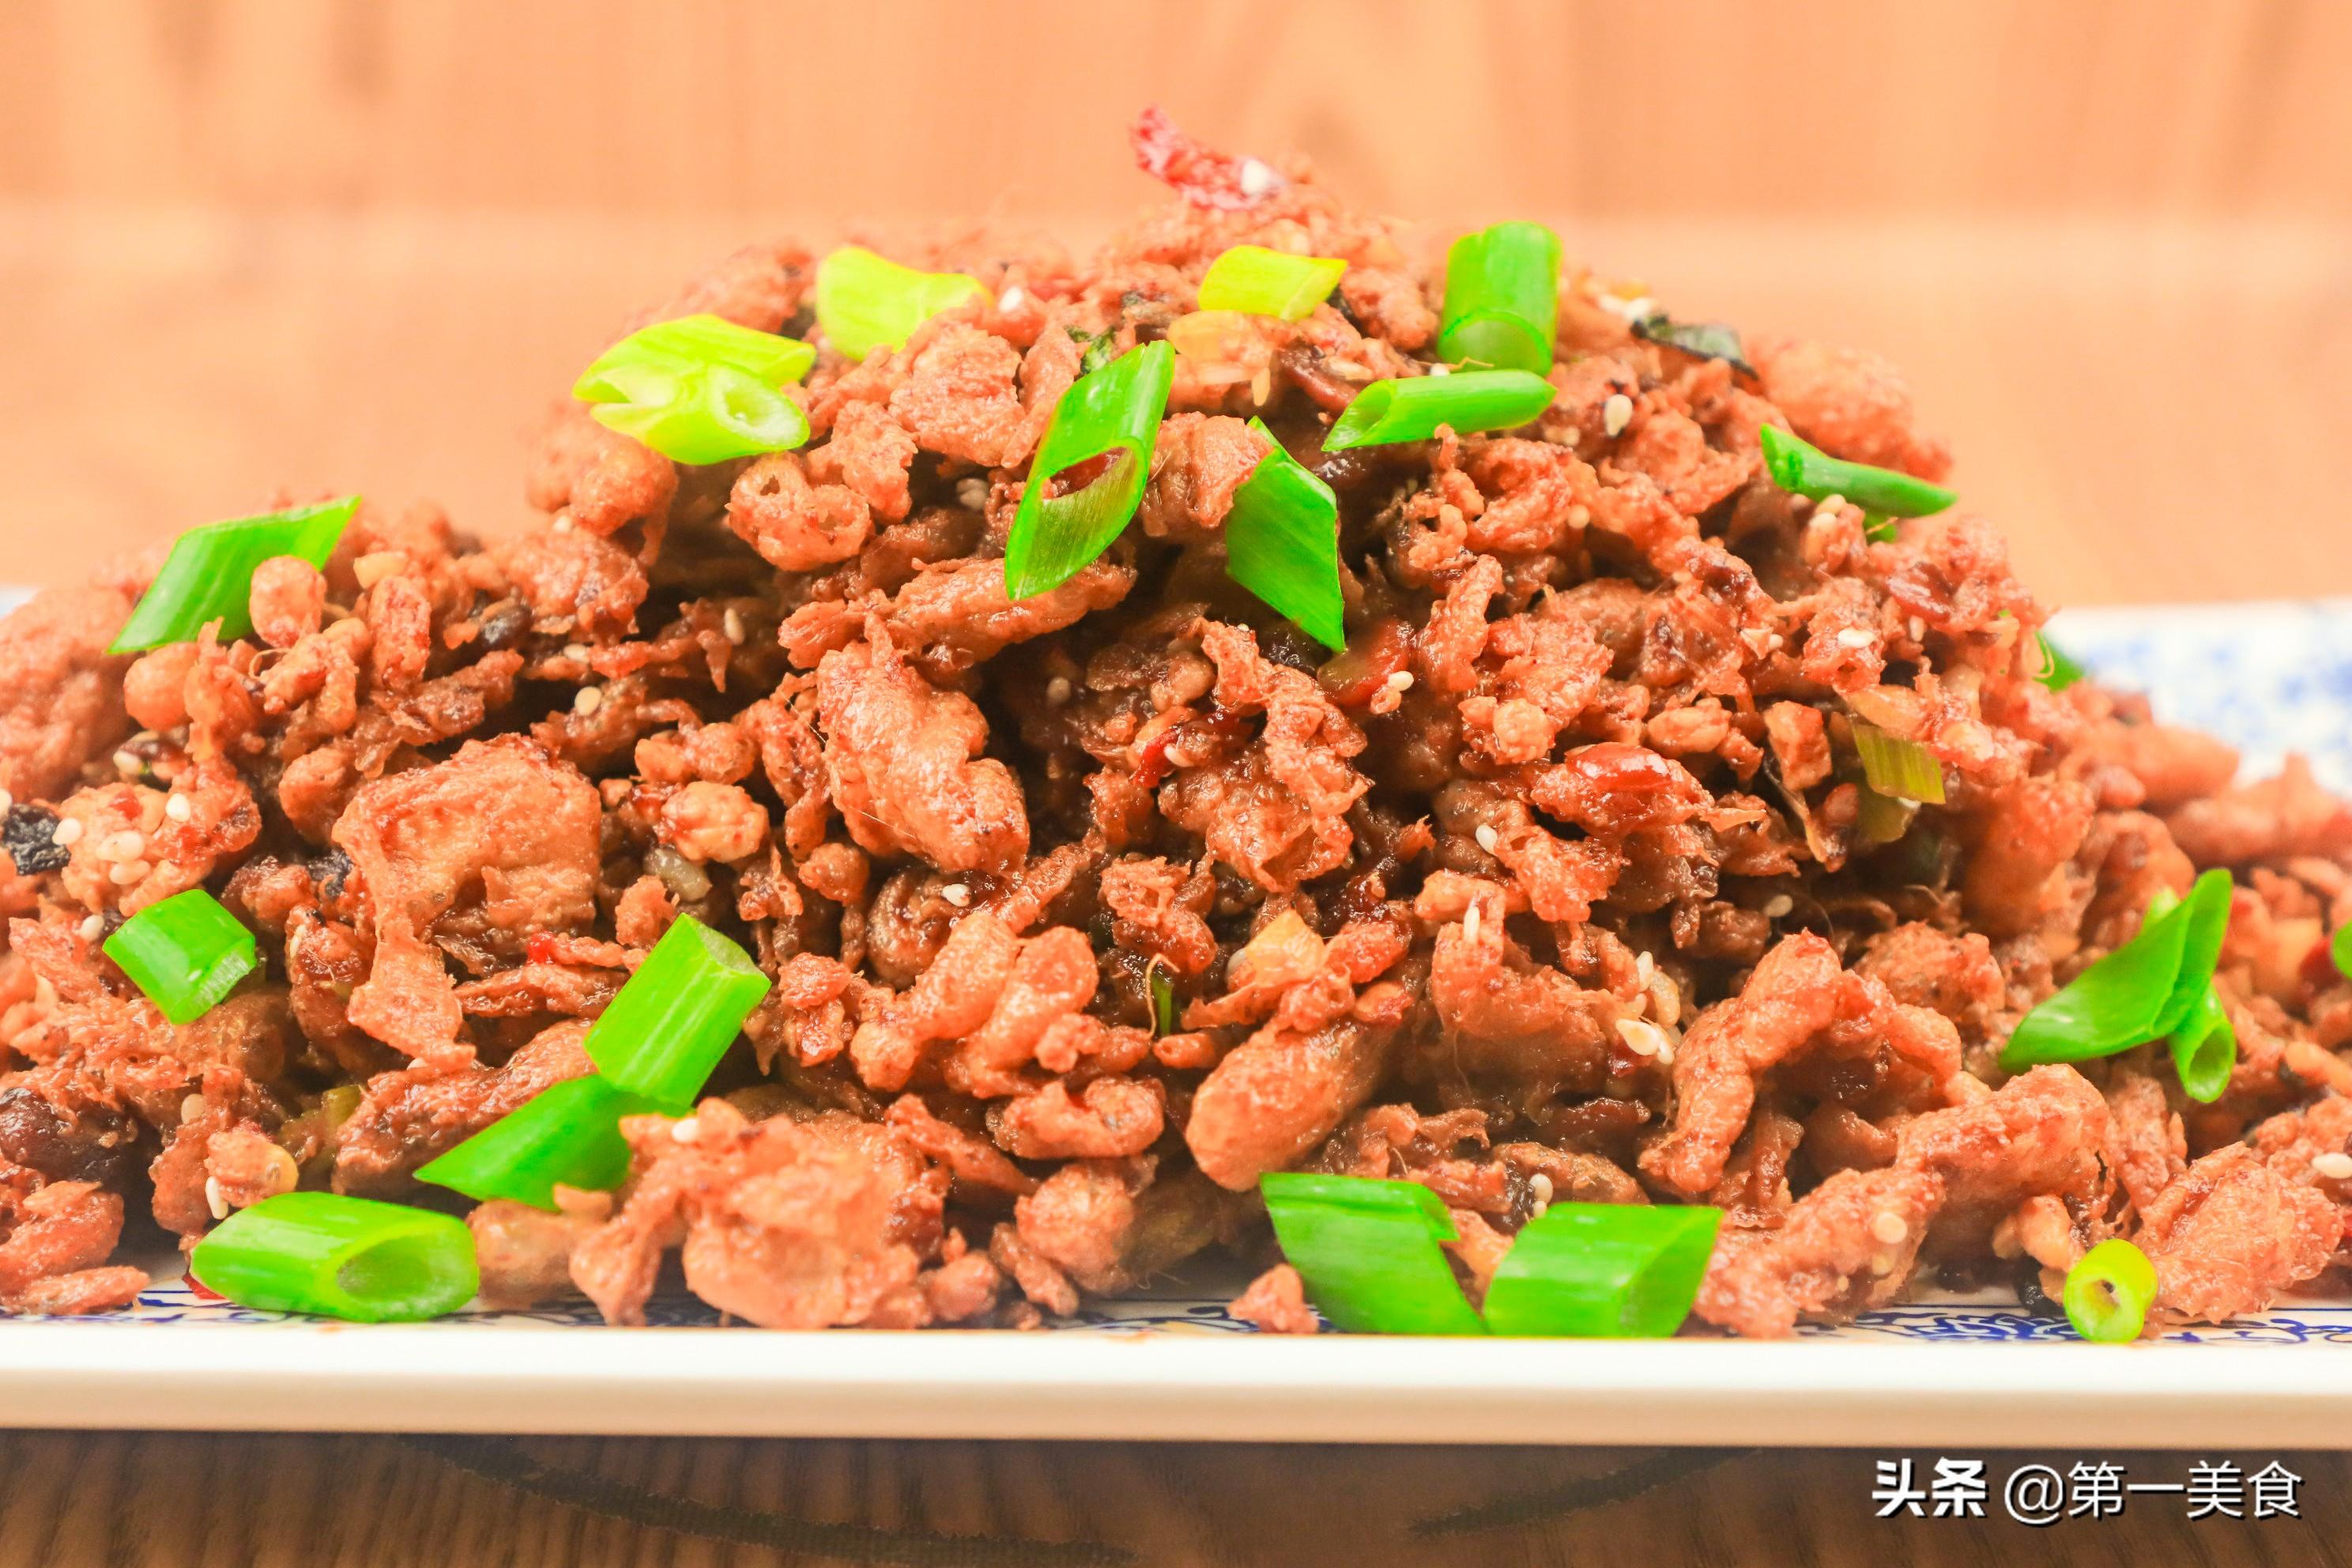 """东北特色菜""""酱炒鸡蛋"""" 厨师长分享妙招 外酥里嫩 酱香浓郁"""